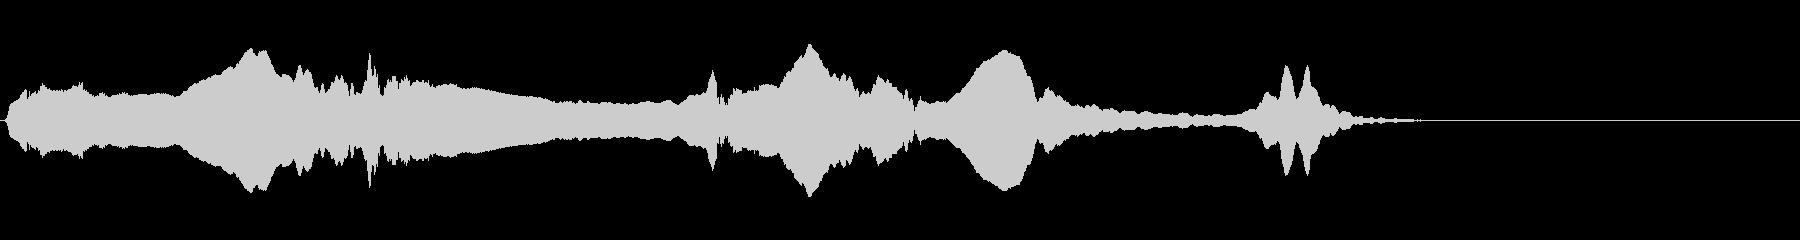 尺八 生演奏 古典風 残響音有 #14の未再生の波形